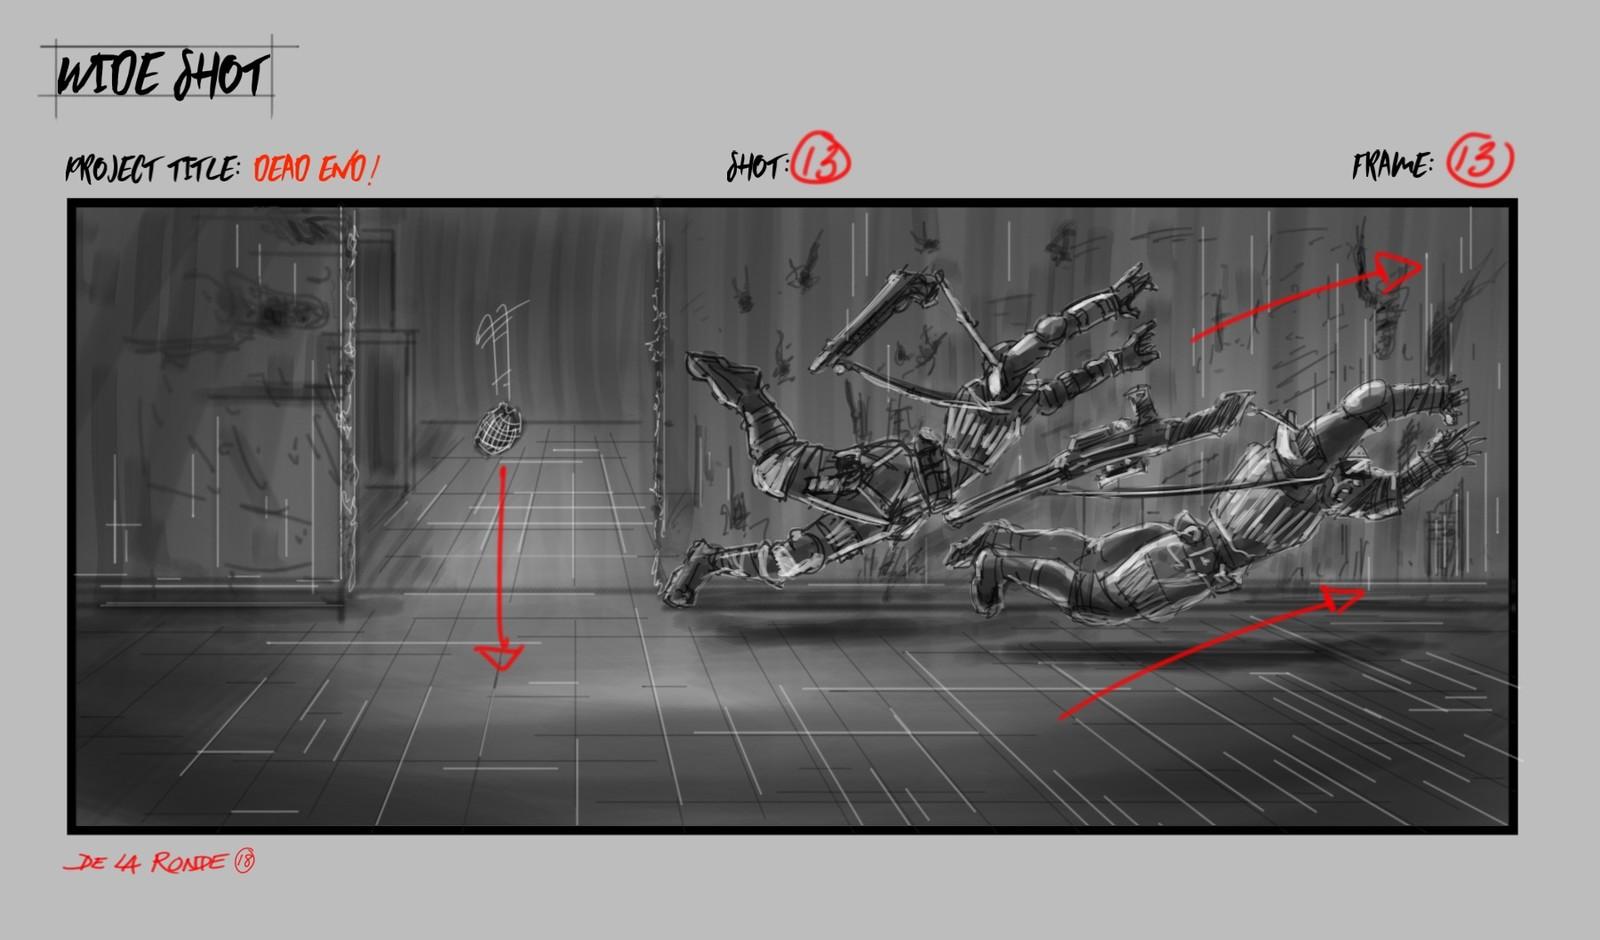 Board Sample Shot Type: Wide Shot